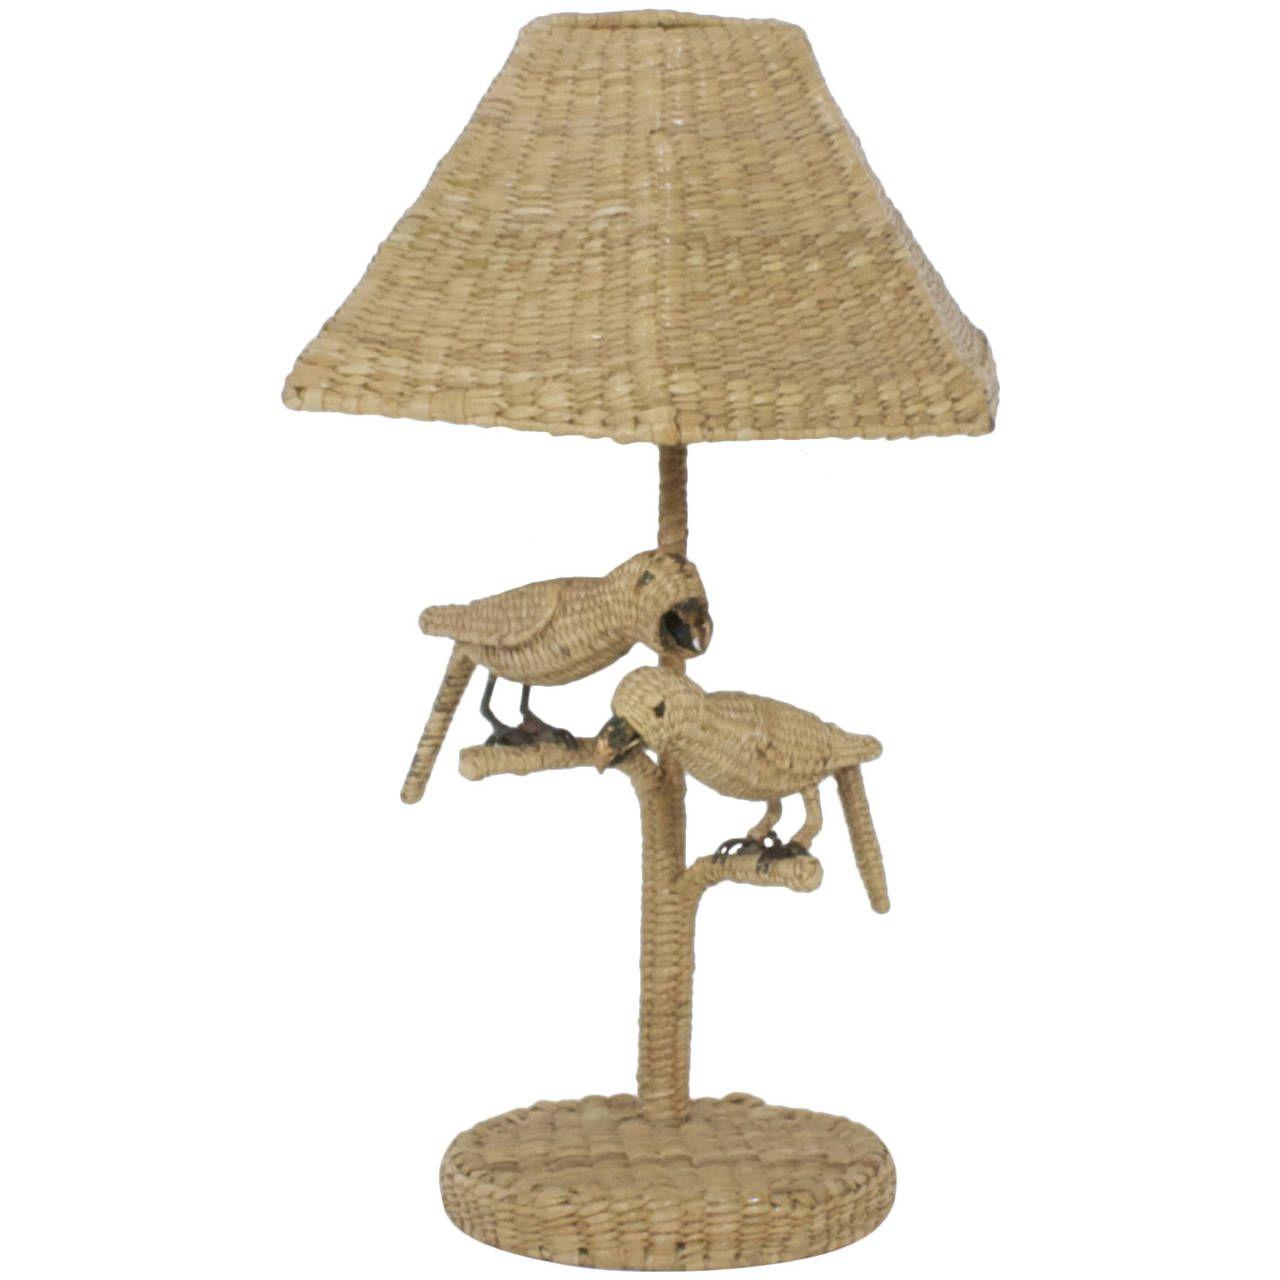 Mario Torres Wicker Table Lamp